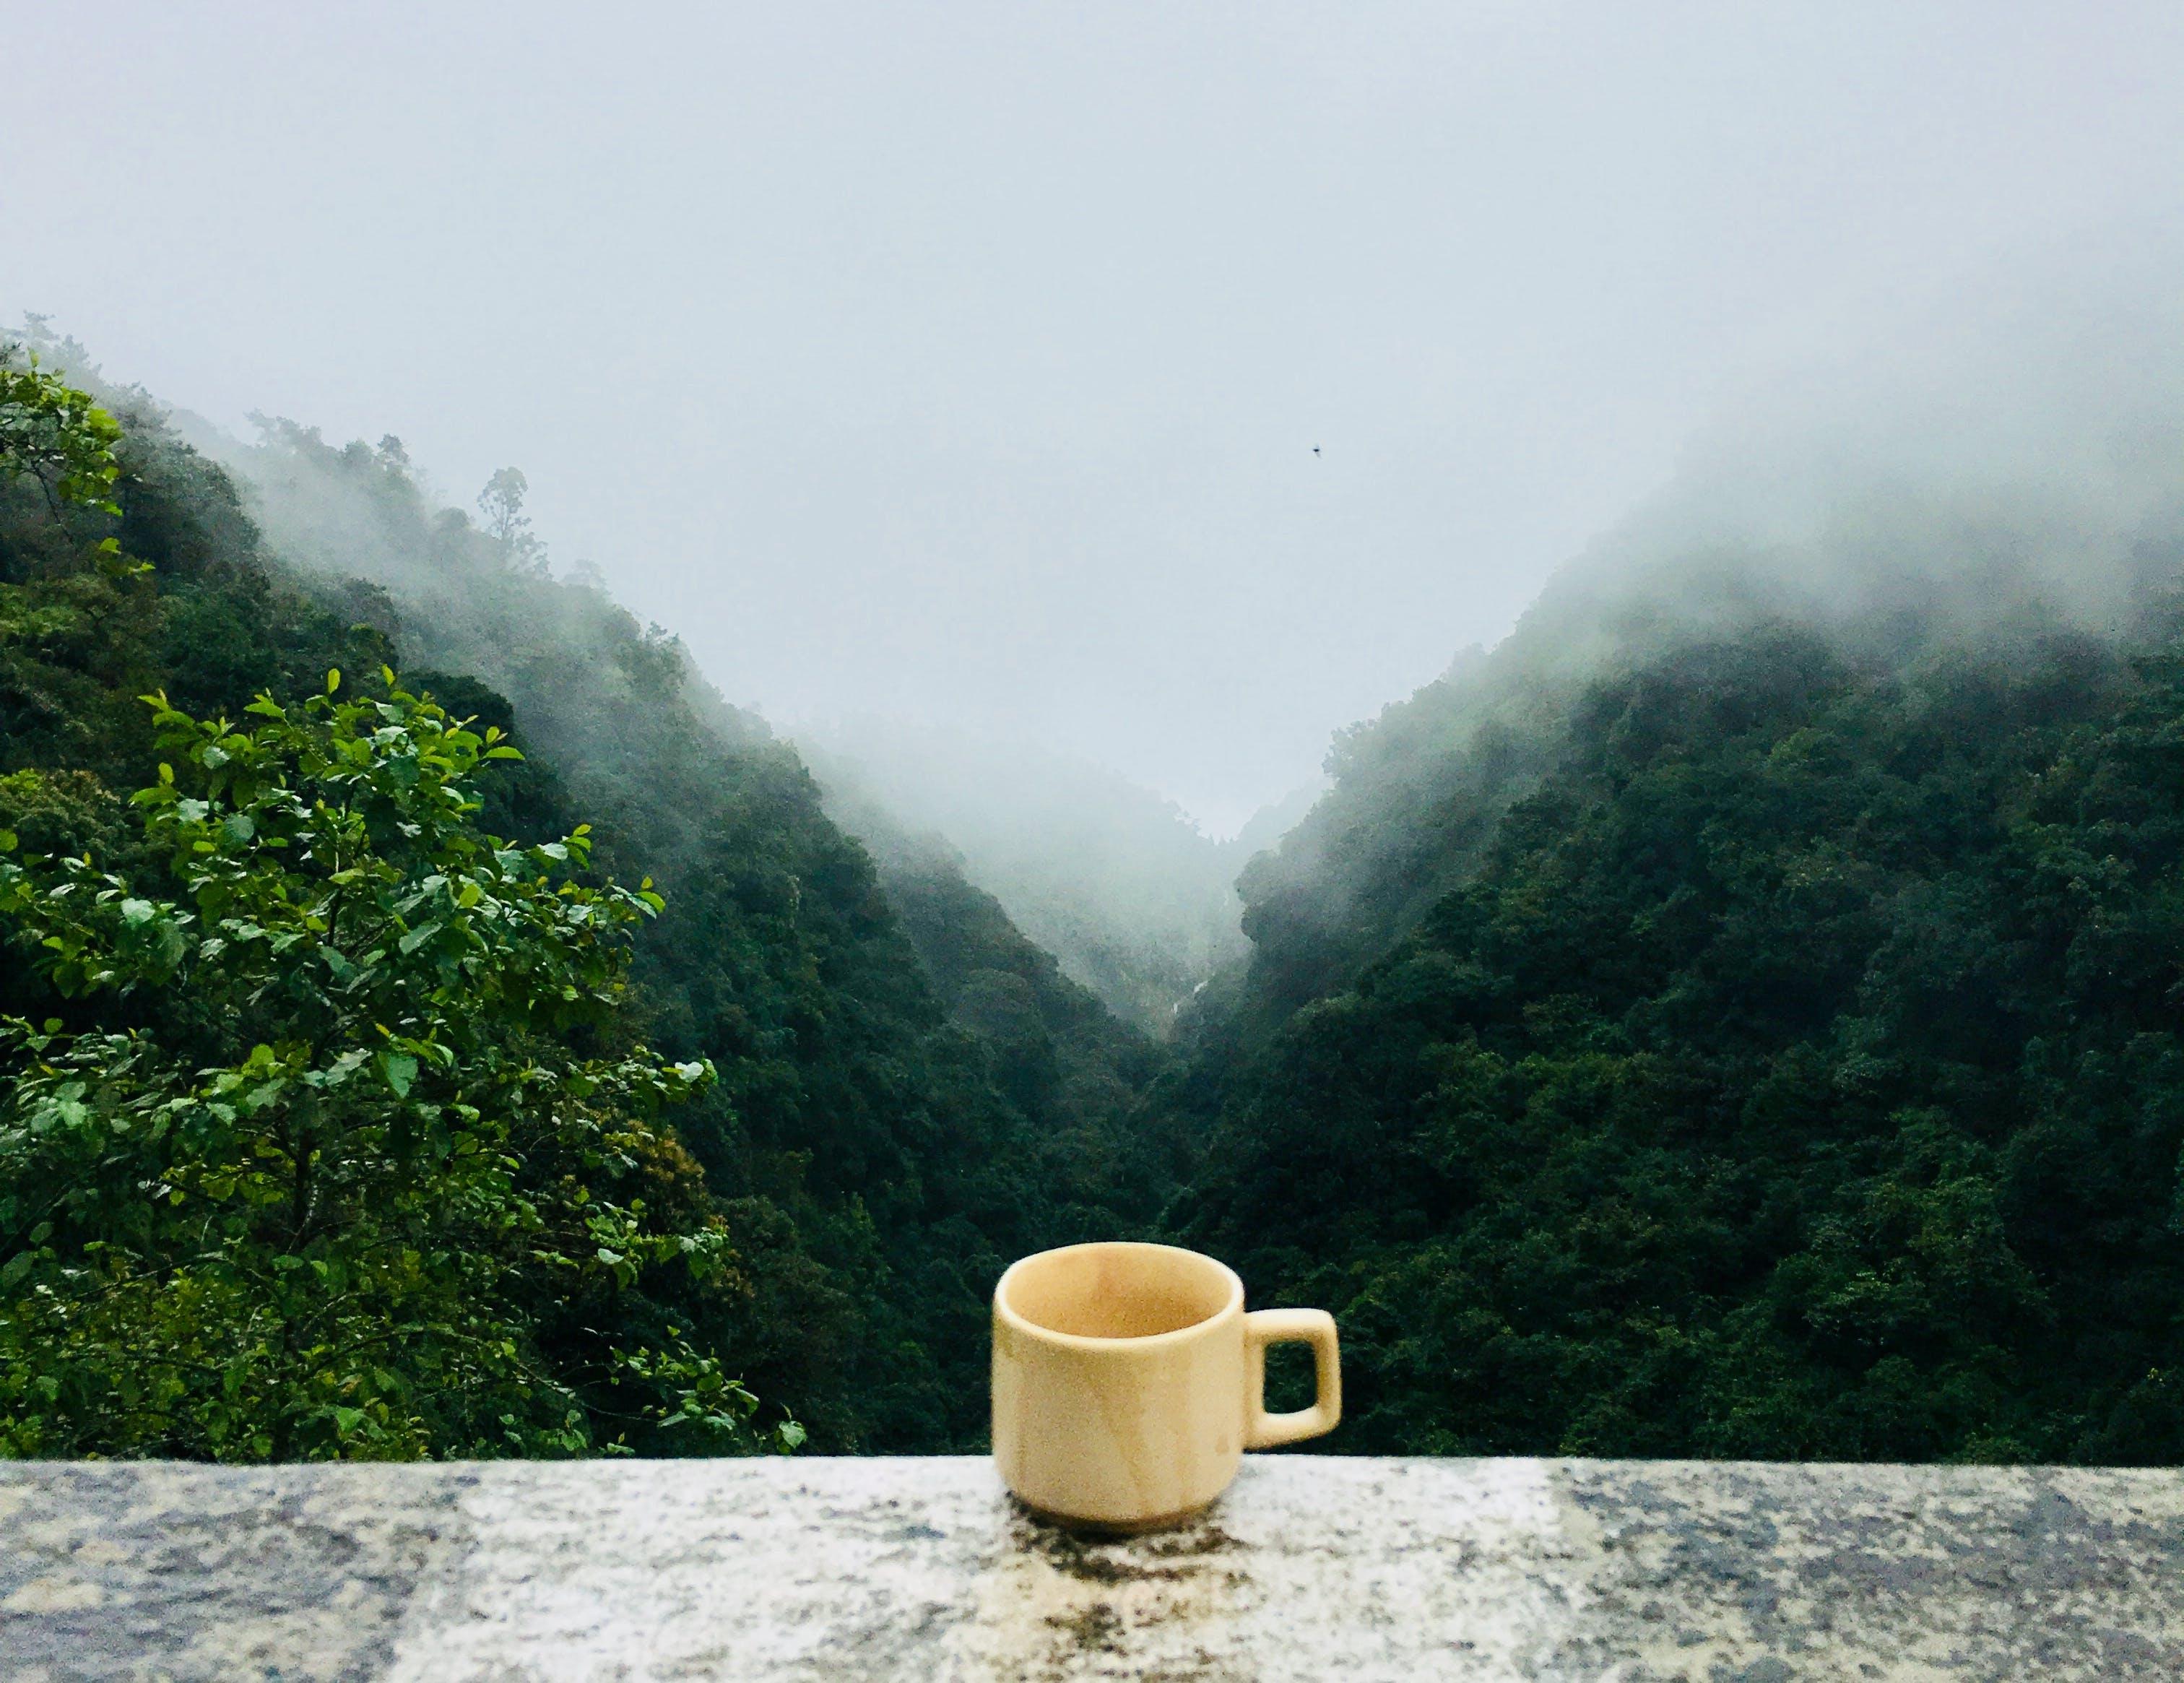 Gratis lagerfoto af bjerg, dis, drink, kaffe